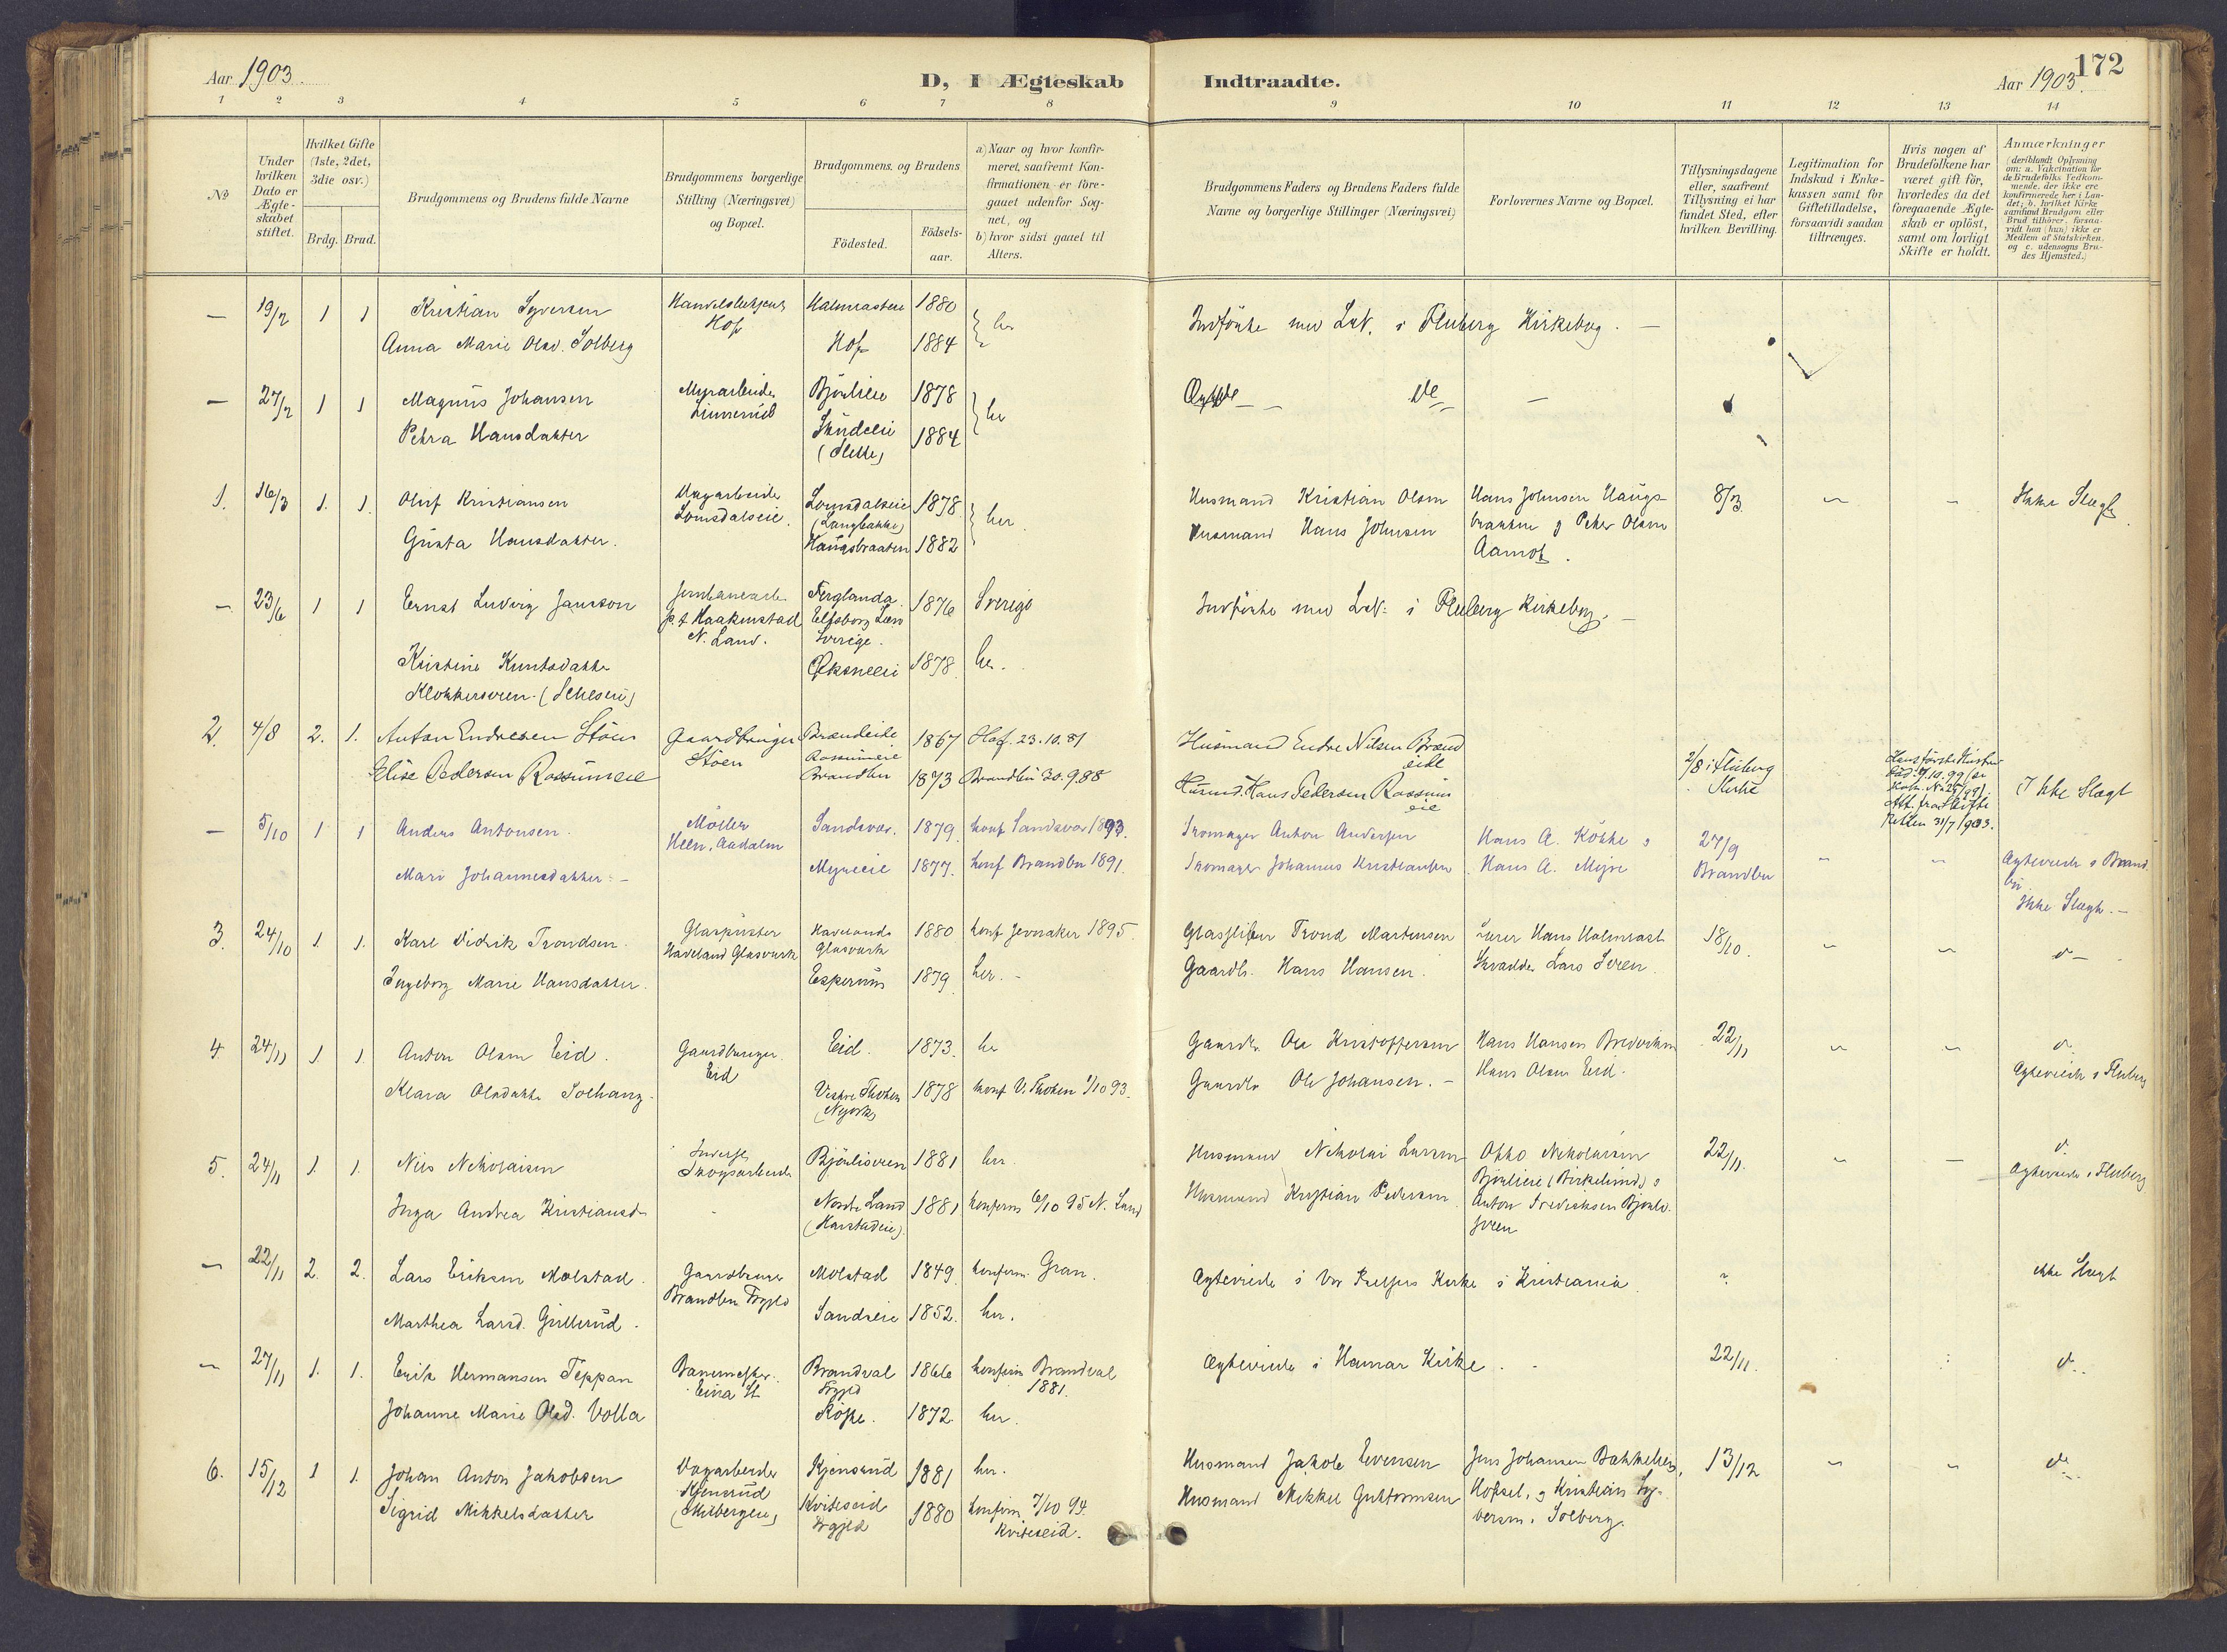 SAH, Søndre Land prestekontor, K/L0006: Ministerialbok nr. 6, 1895-1904, s. 172